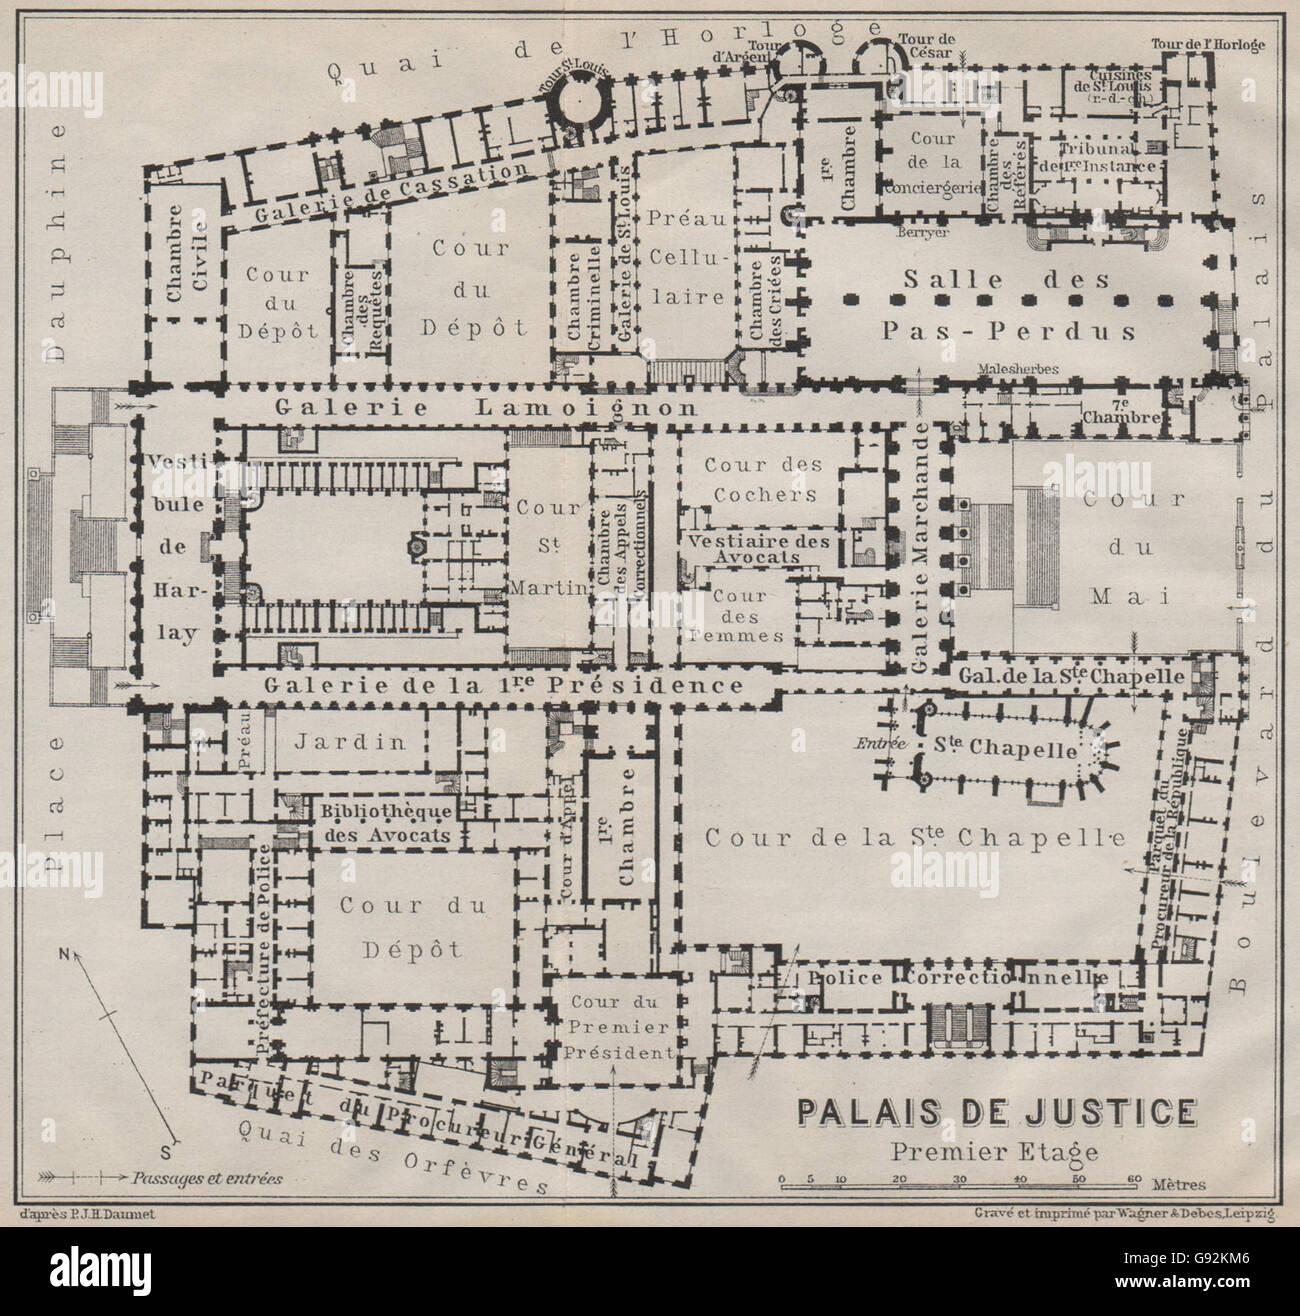 palais de justice premier étage first floor plan île de la cité